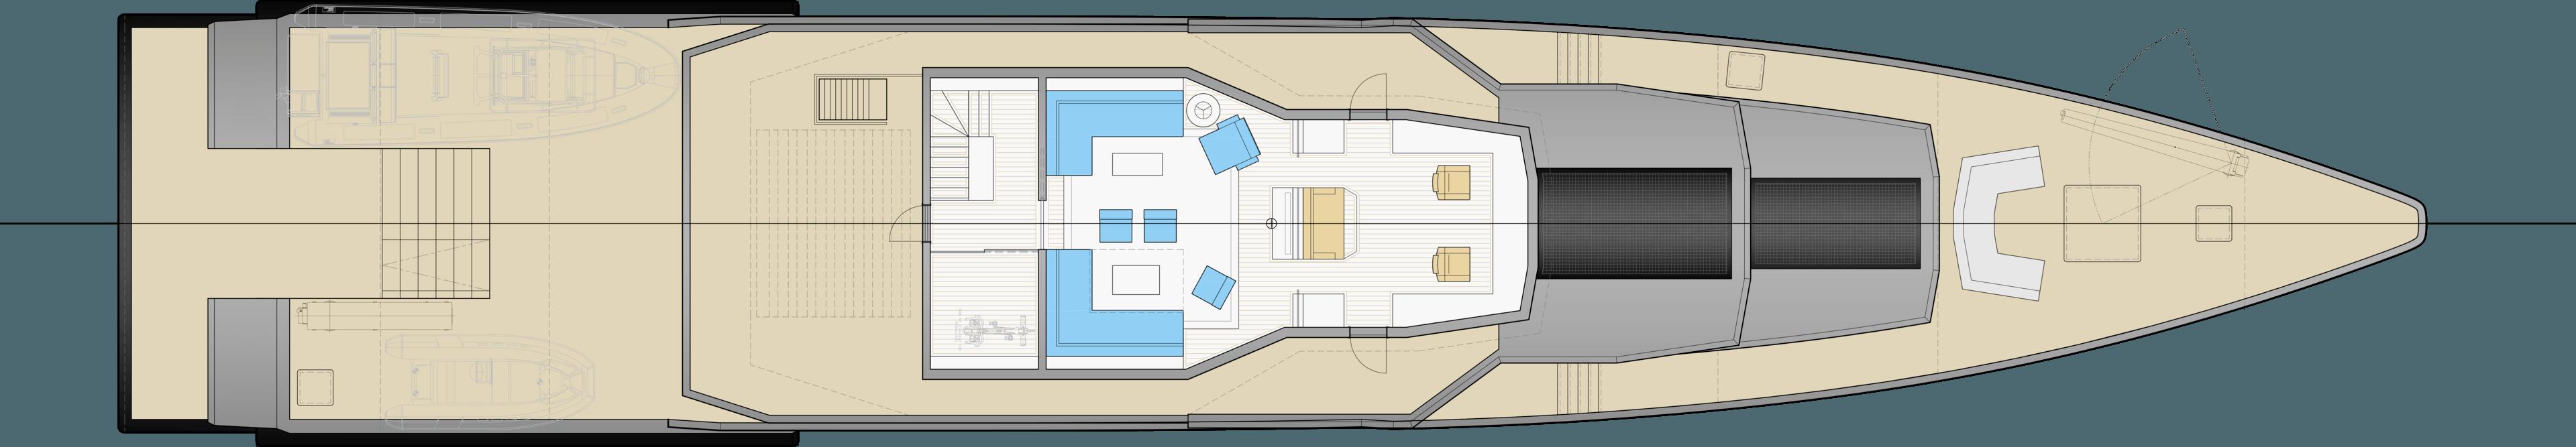 MMYD_063_45m Explorer Yacht GA_1_upper deck.png